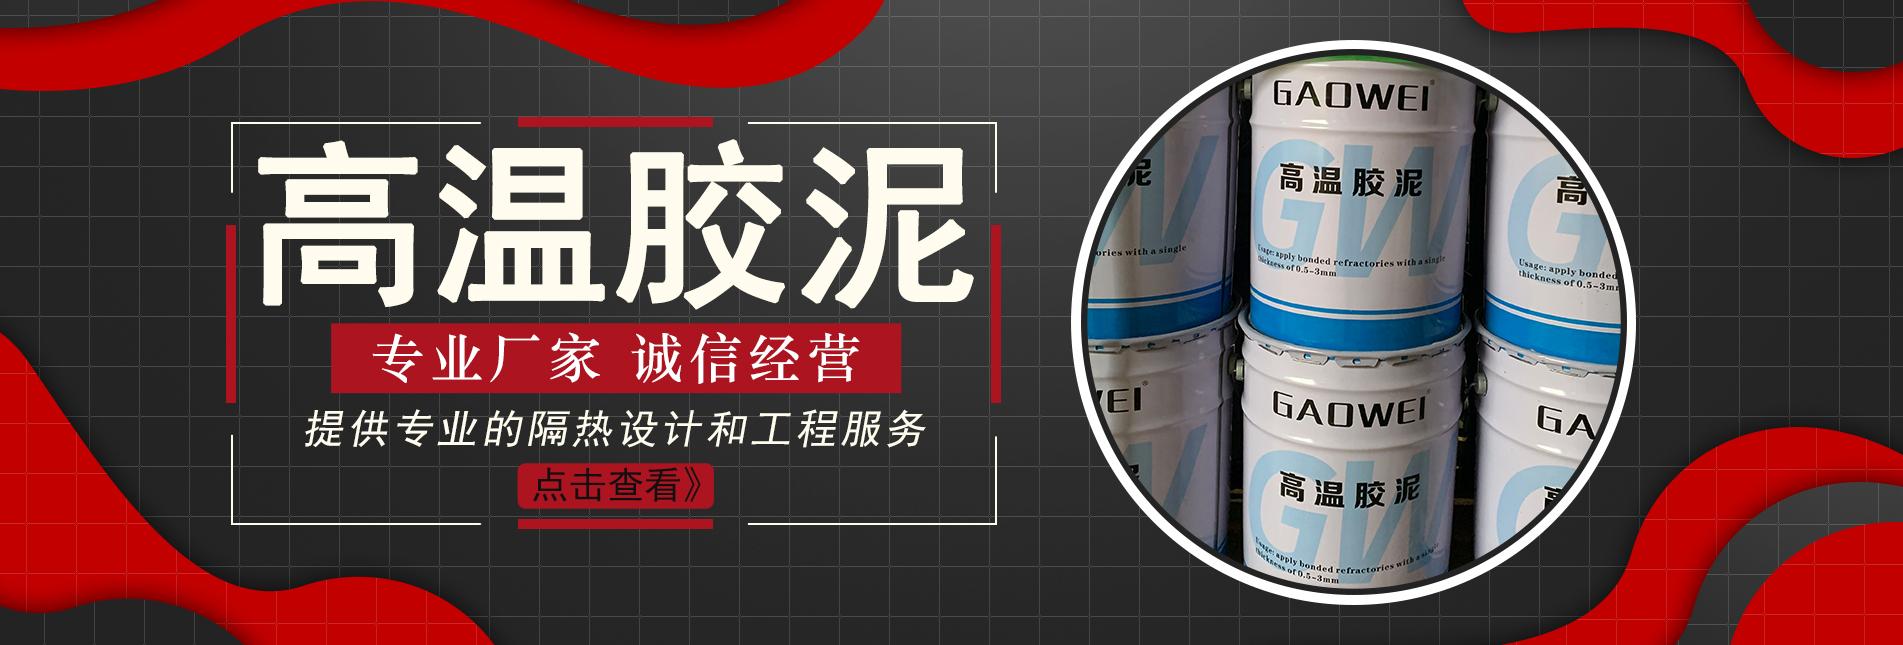 晋江市鑫特建材贸易有限公司-关于我们